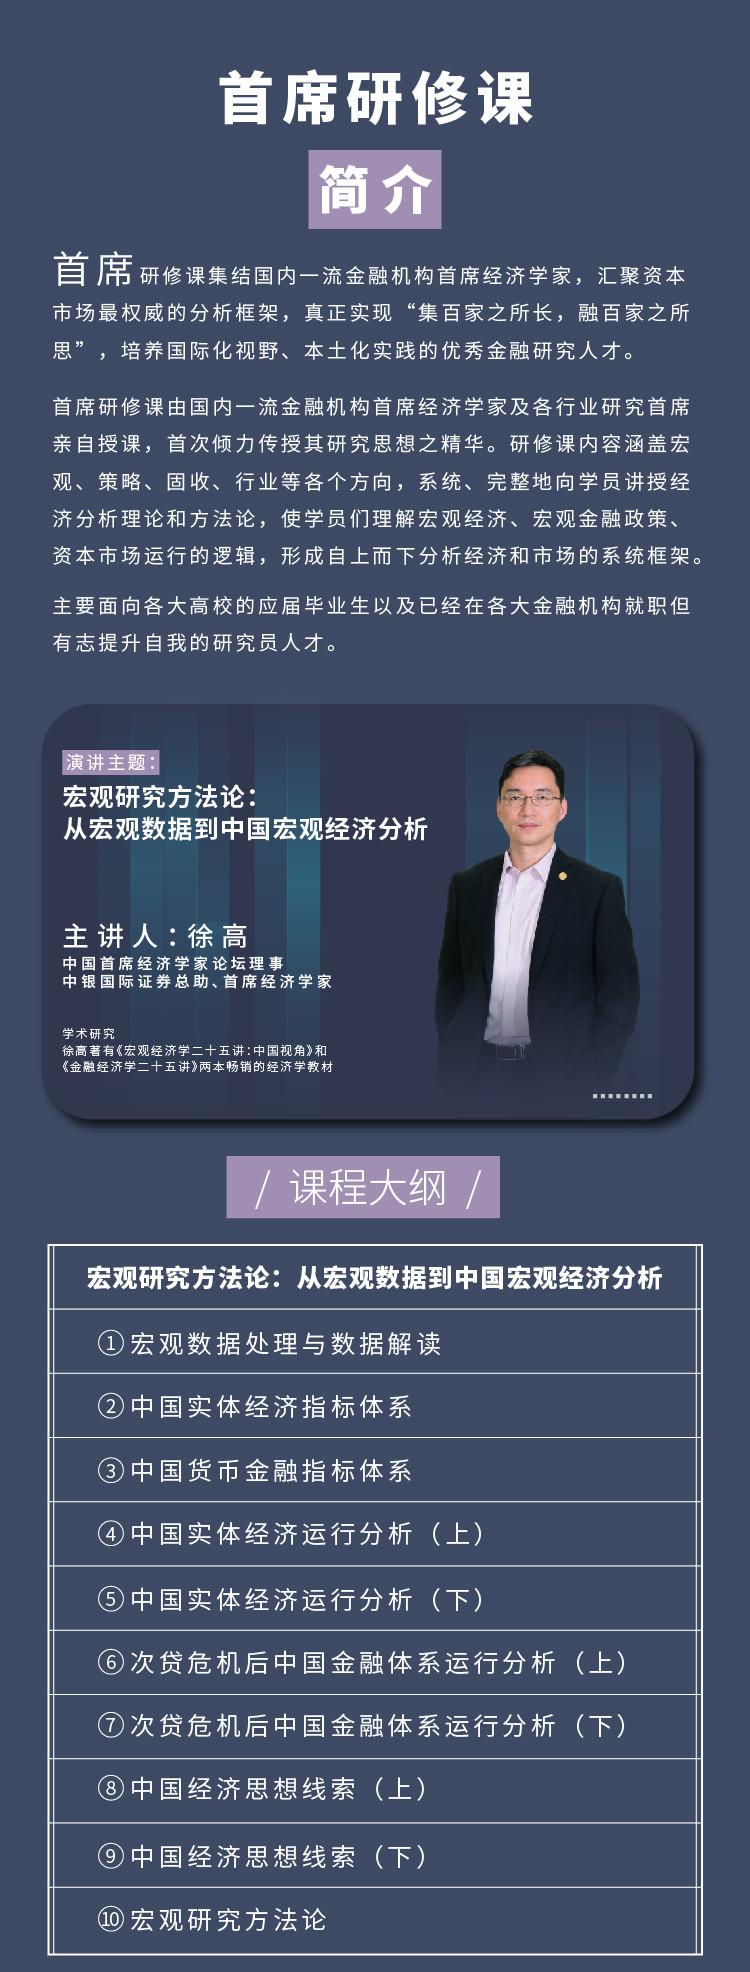 徐高《宏观研究方法论:从宏观数据到中国宏观经济分析》